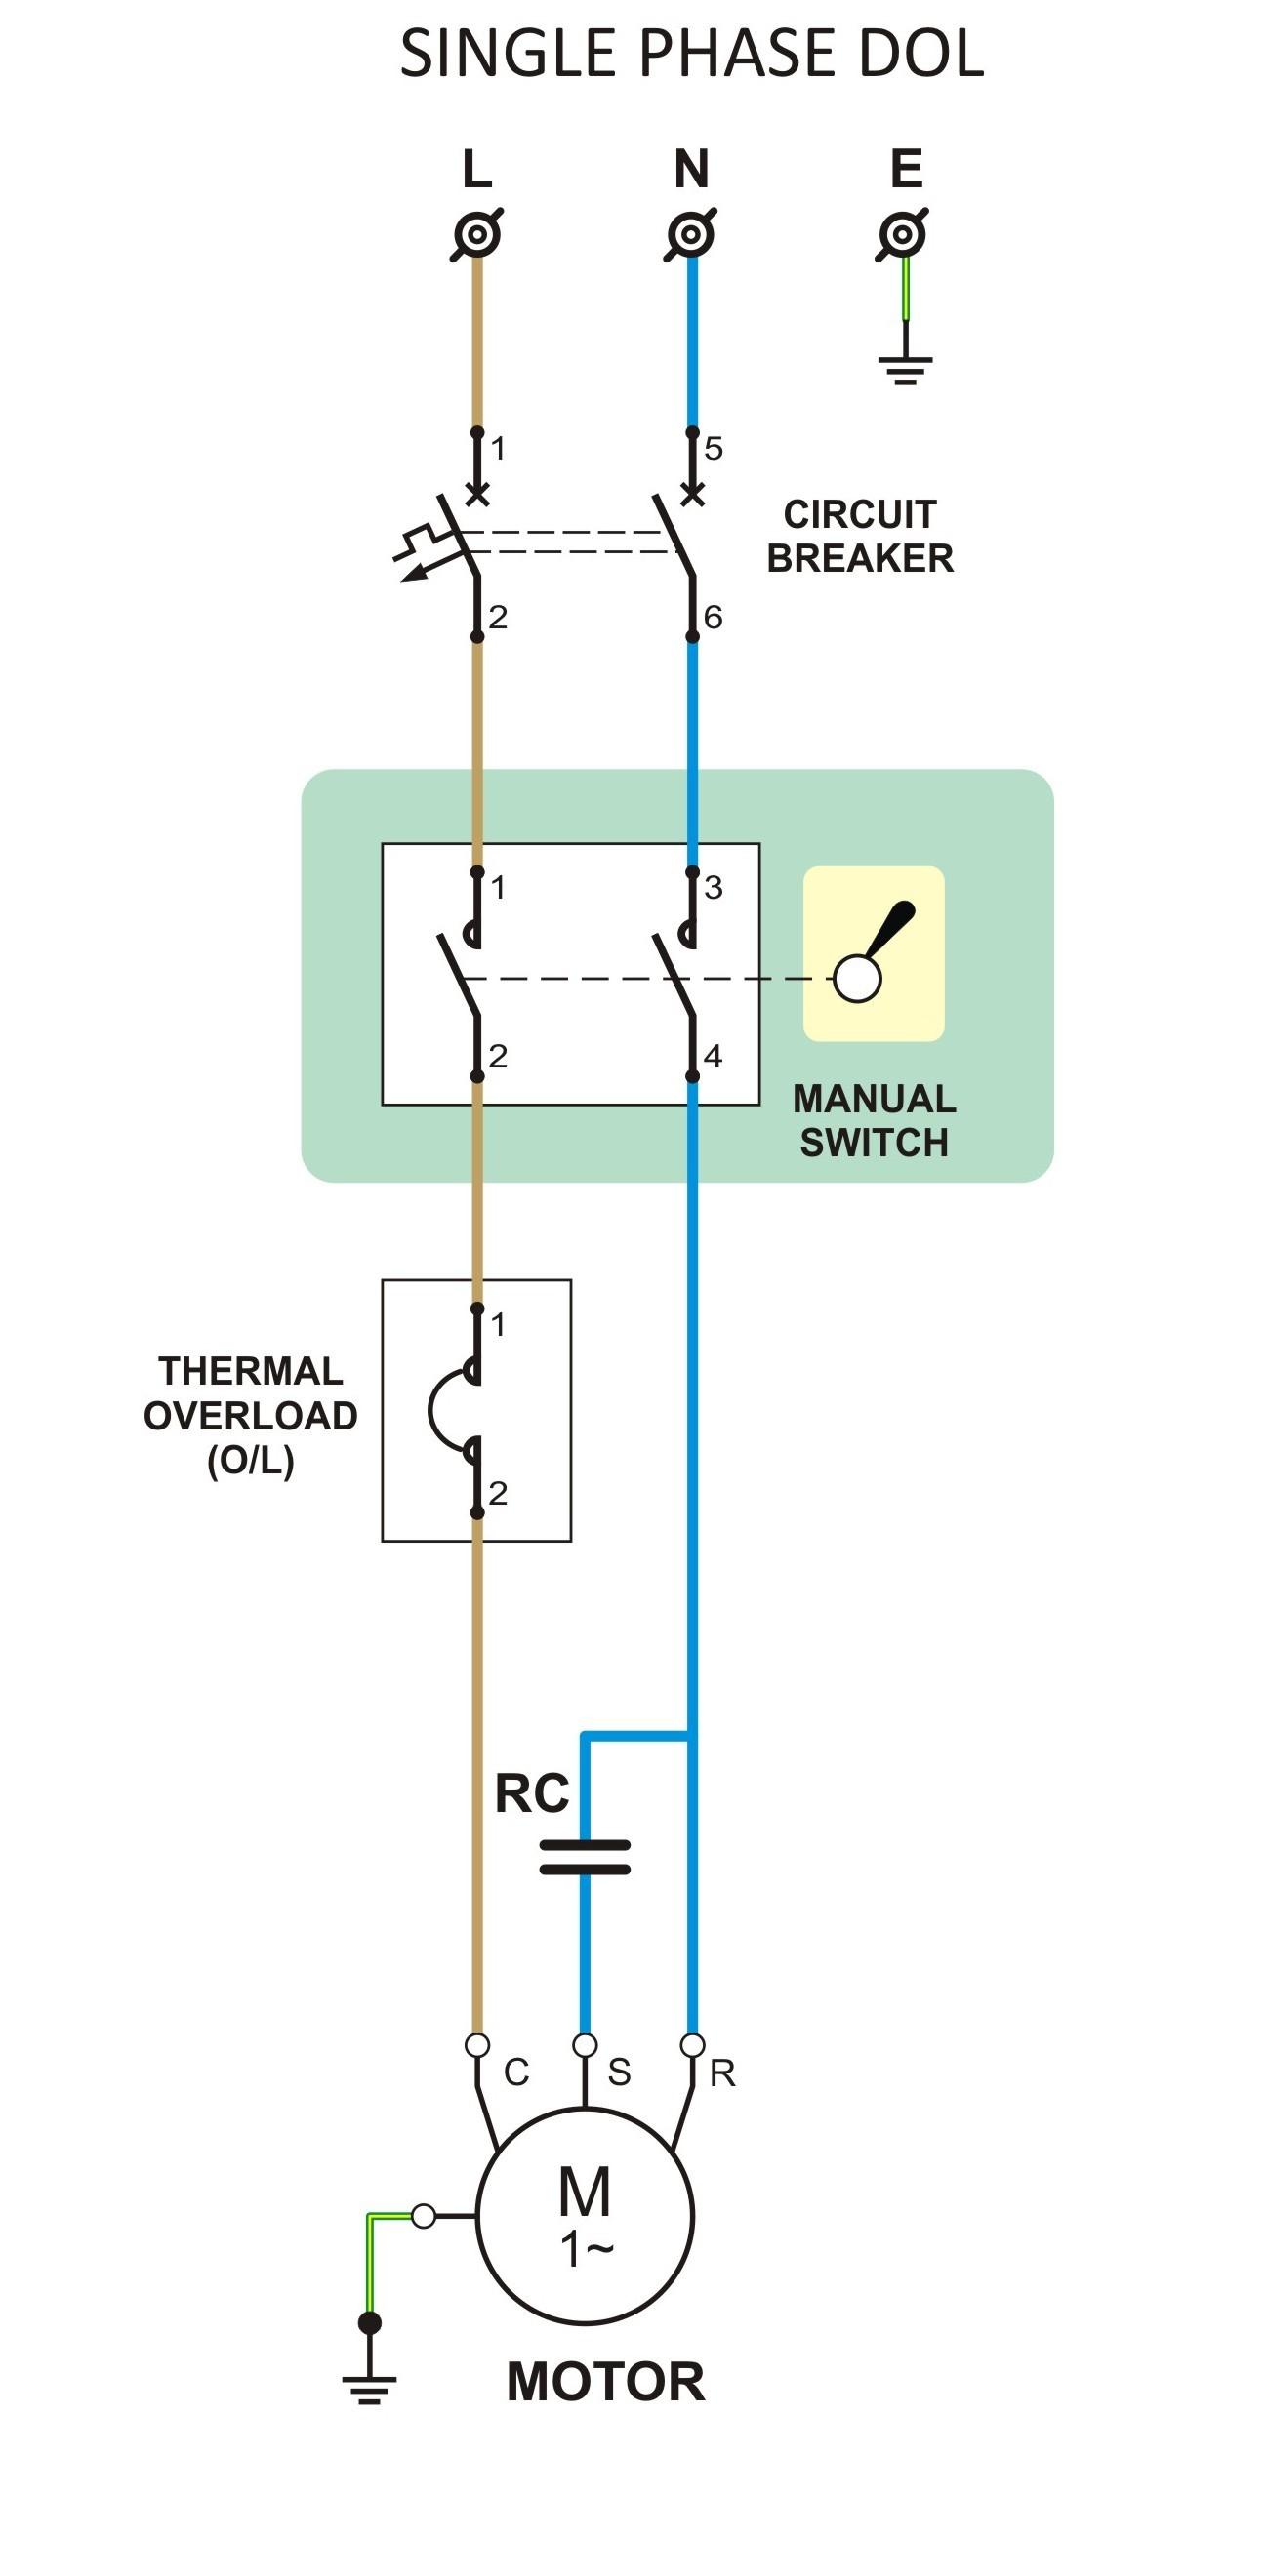 hight resolution of berikut ini adalah contoh rangkaian yang sering di gunakan pada rumah tangga rangkaian ini bisa diterapkan pada beban listrik seperti pada pompa air